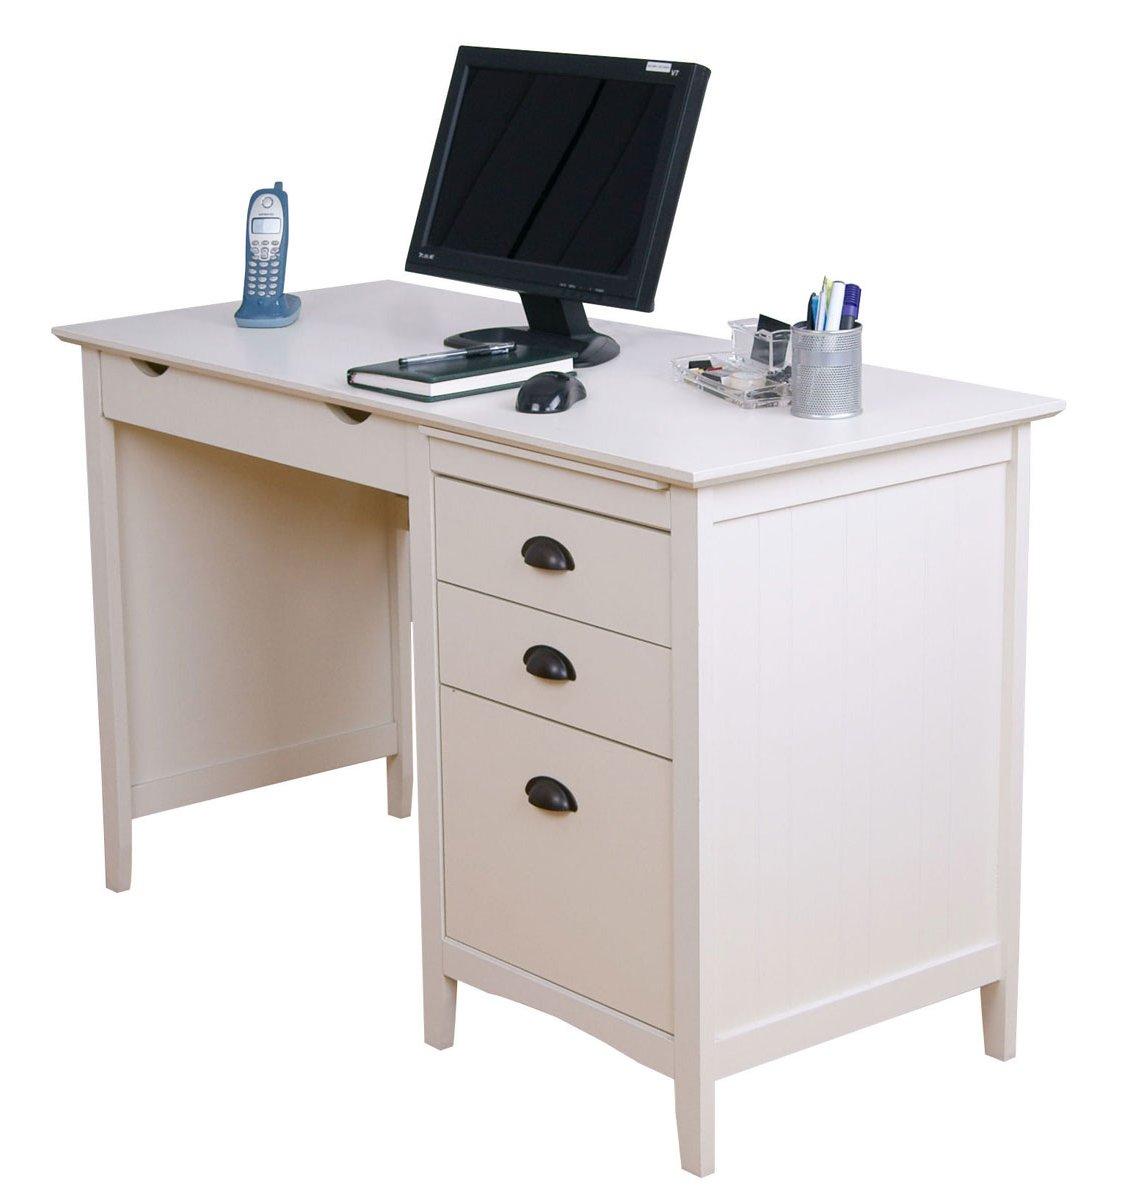 teknik 2516311 computer desks. Black Bedroom Furniture Sets. Home Design Ideas